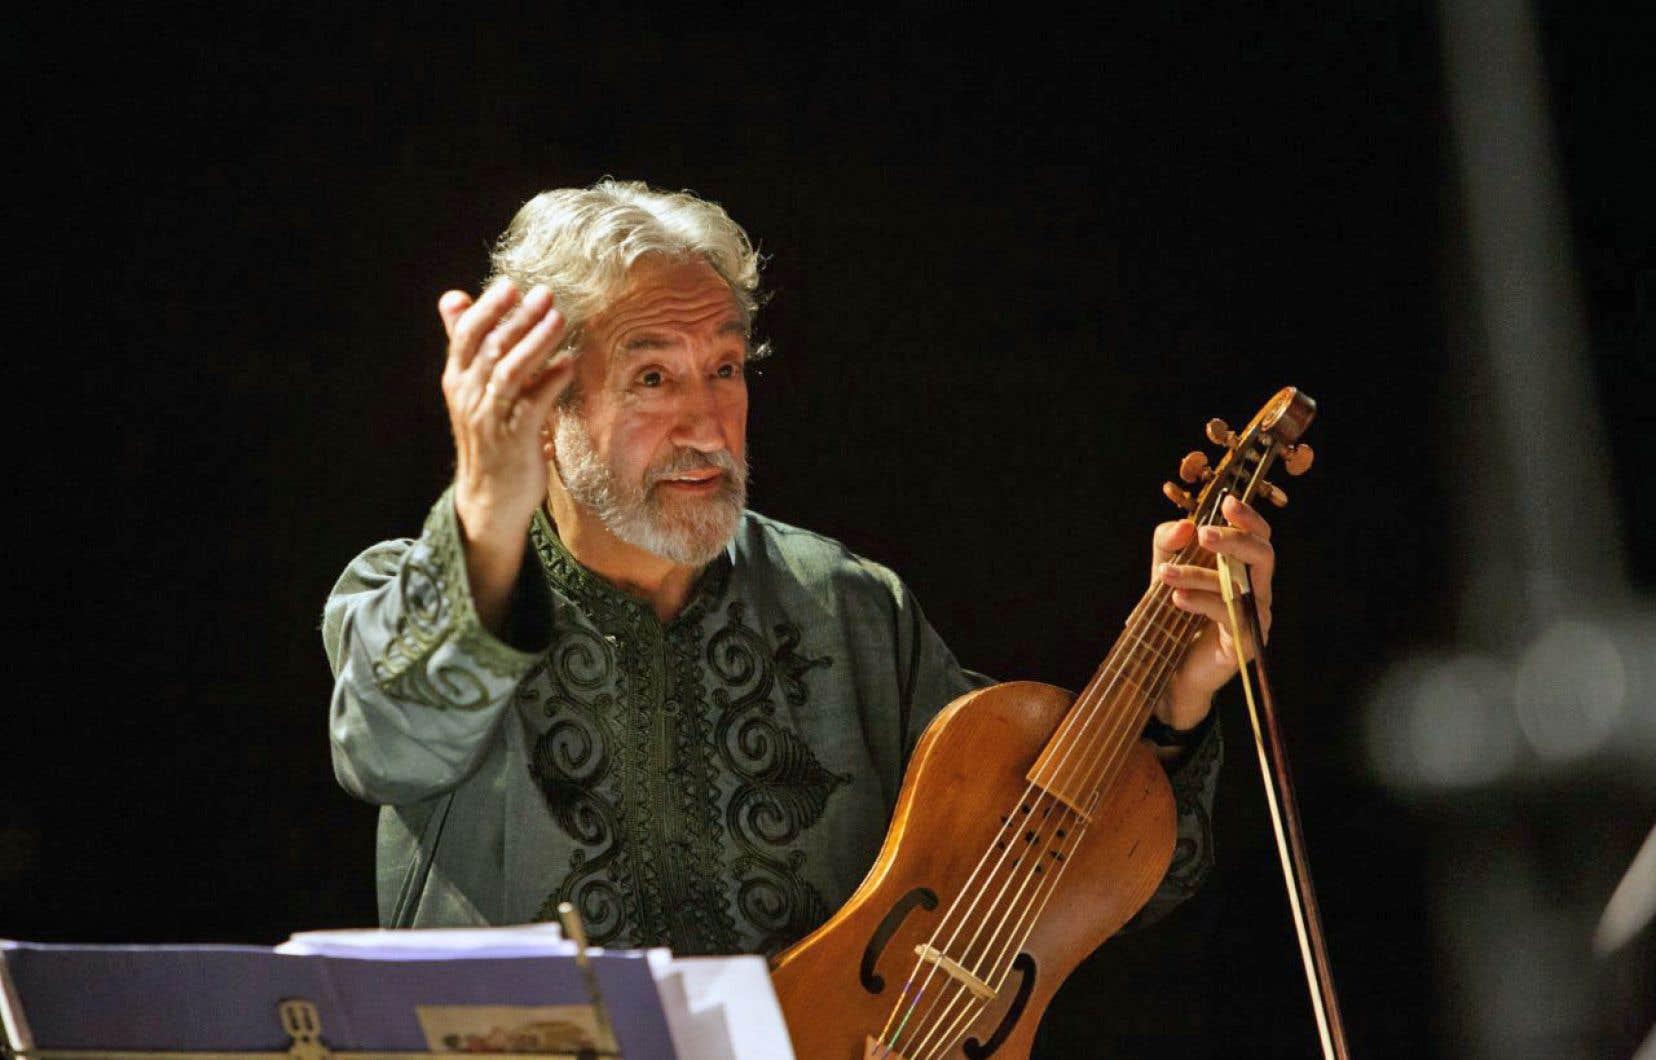 Regarder le jeu d'archet du musicien catalan Jordi Savall est un plaisir et un spectacle en soi.